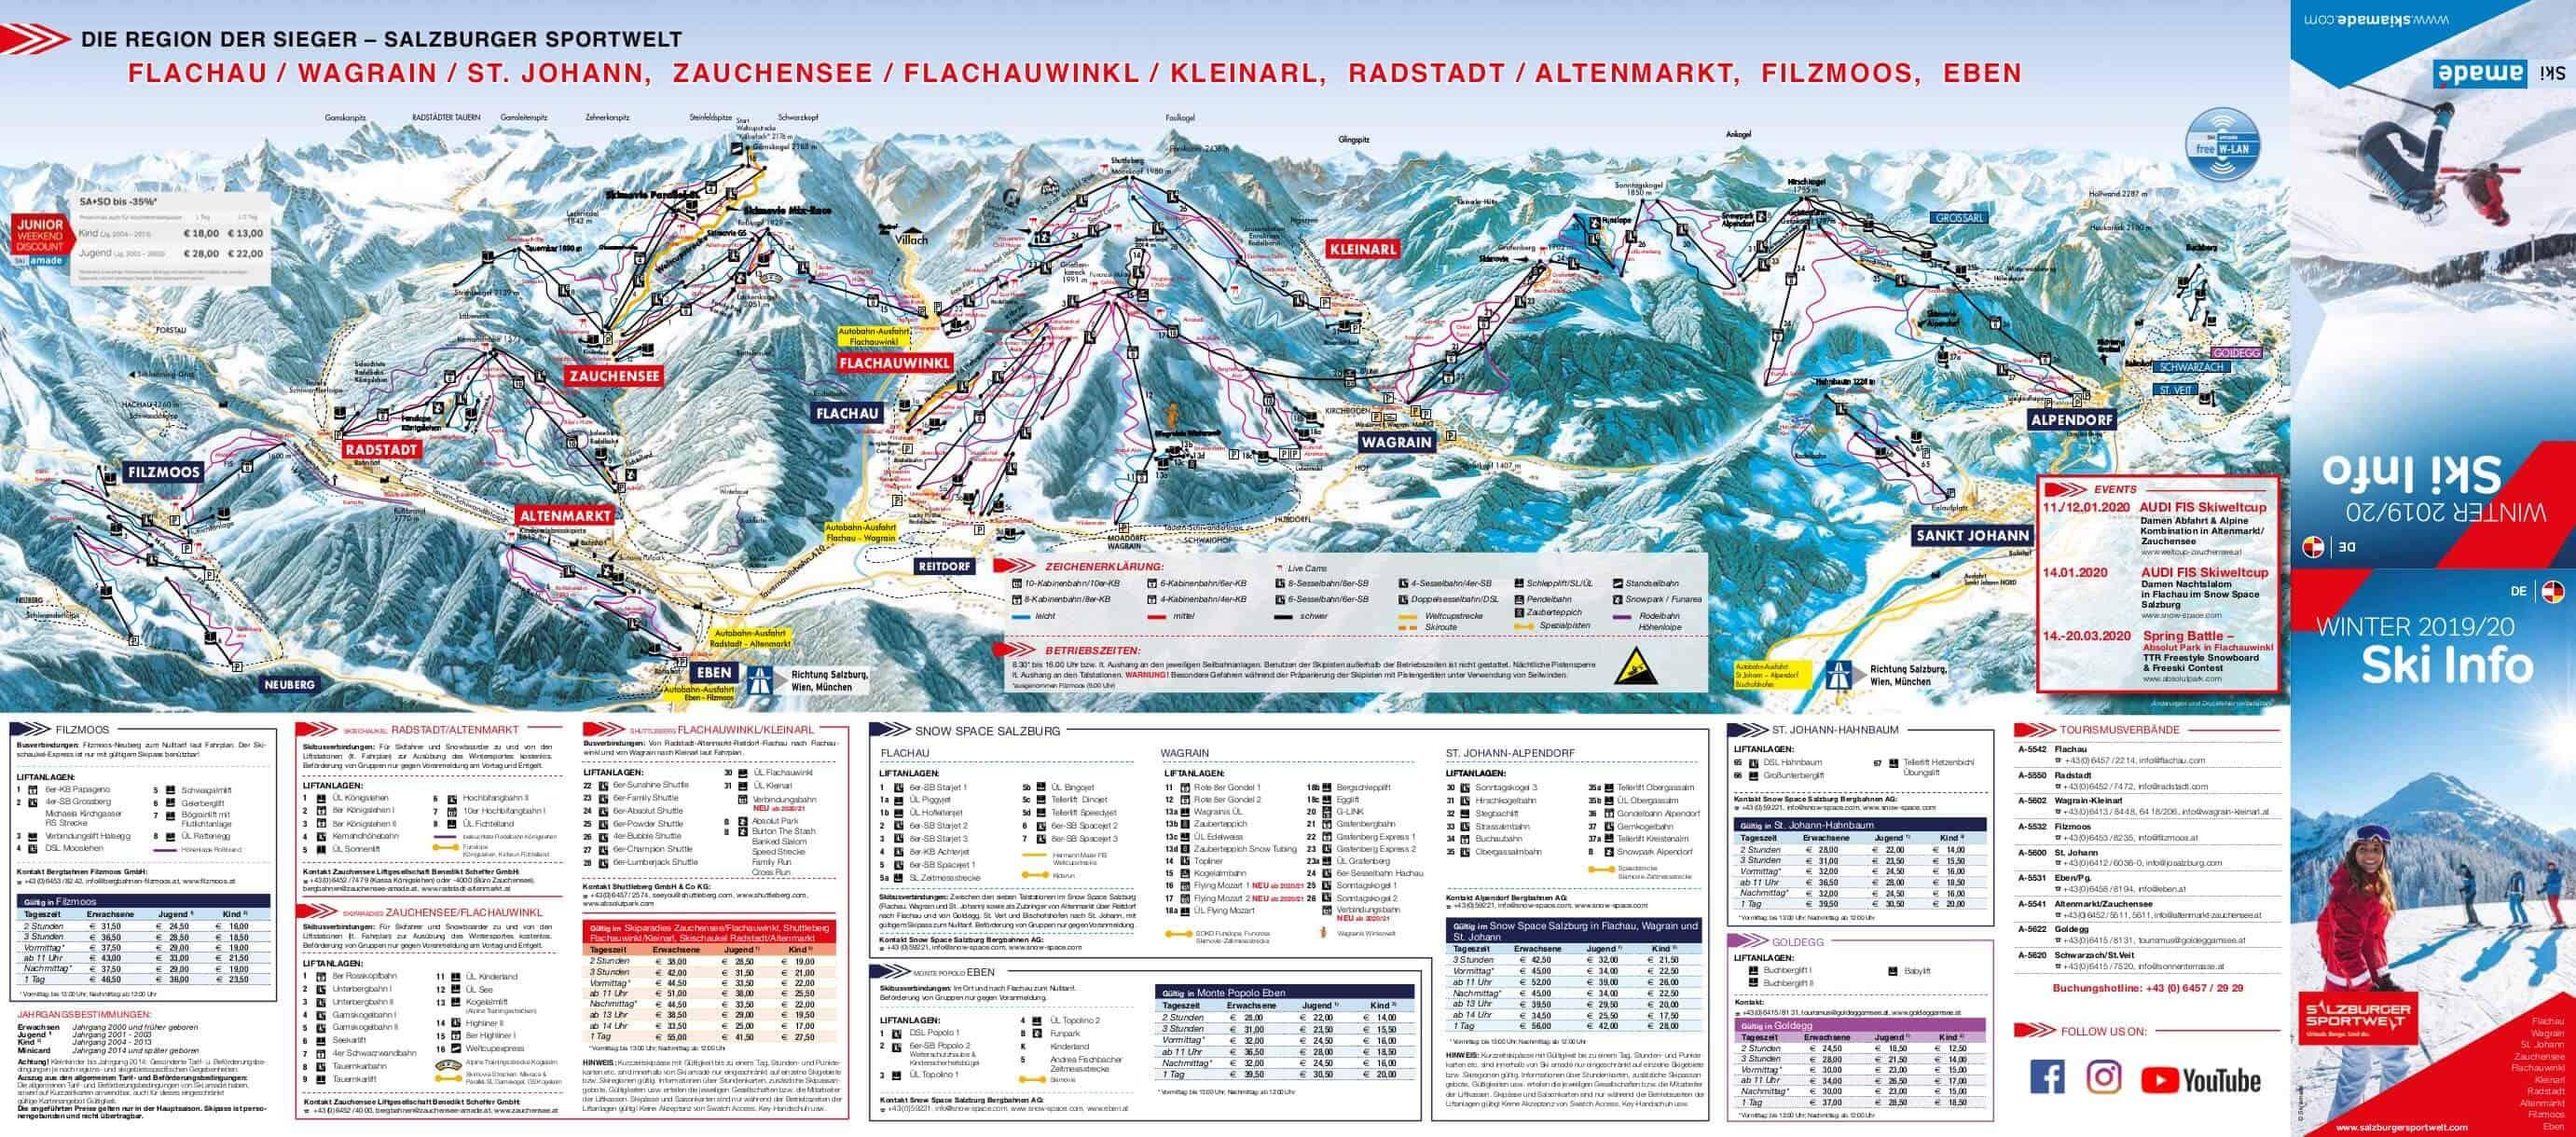 Salzburger Sportwelt JPG